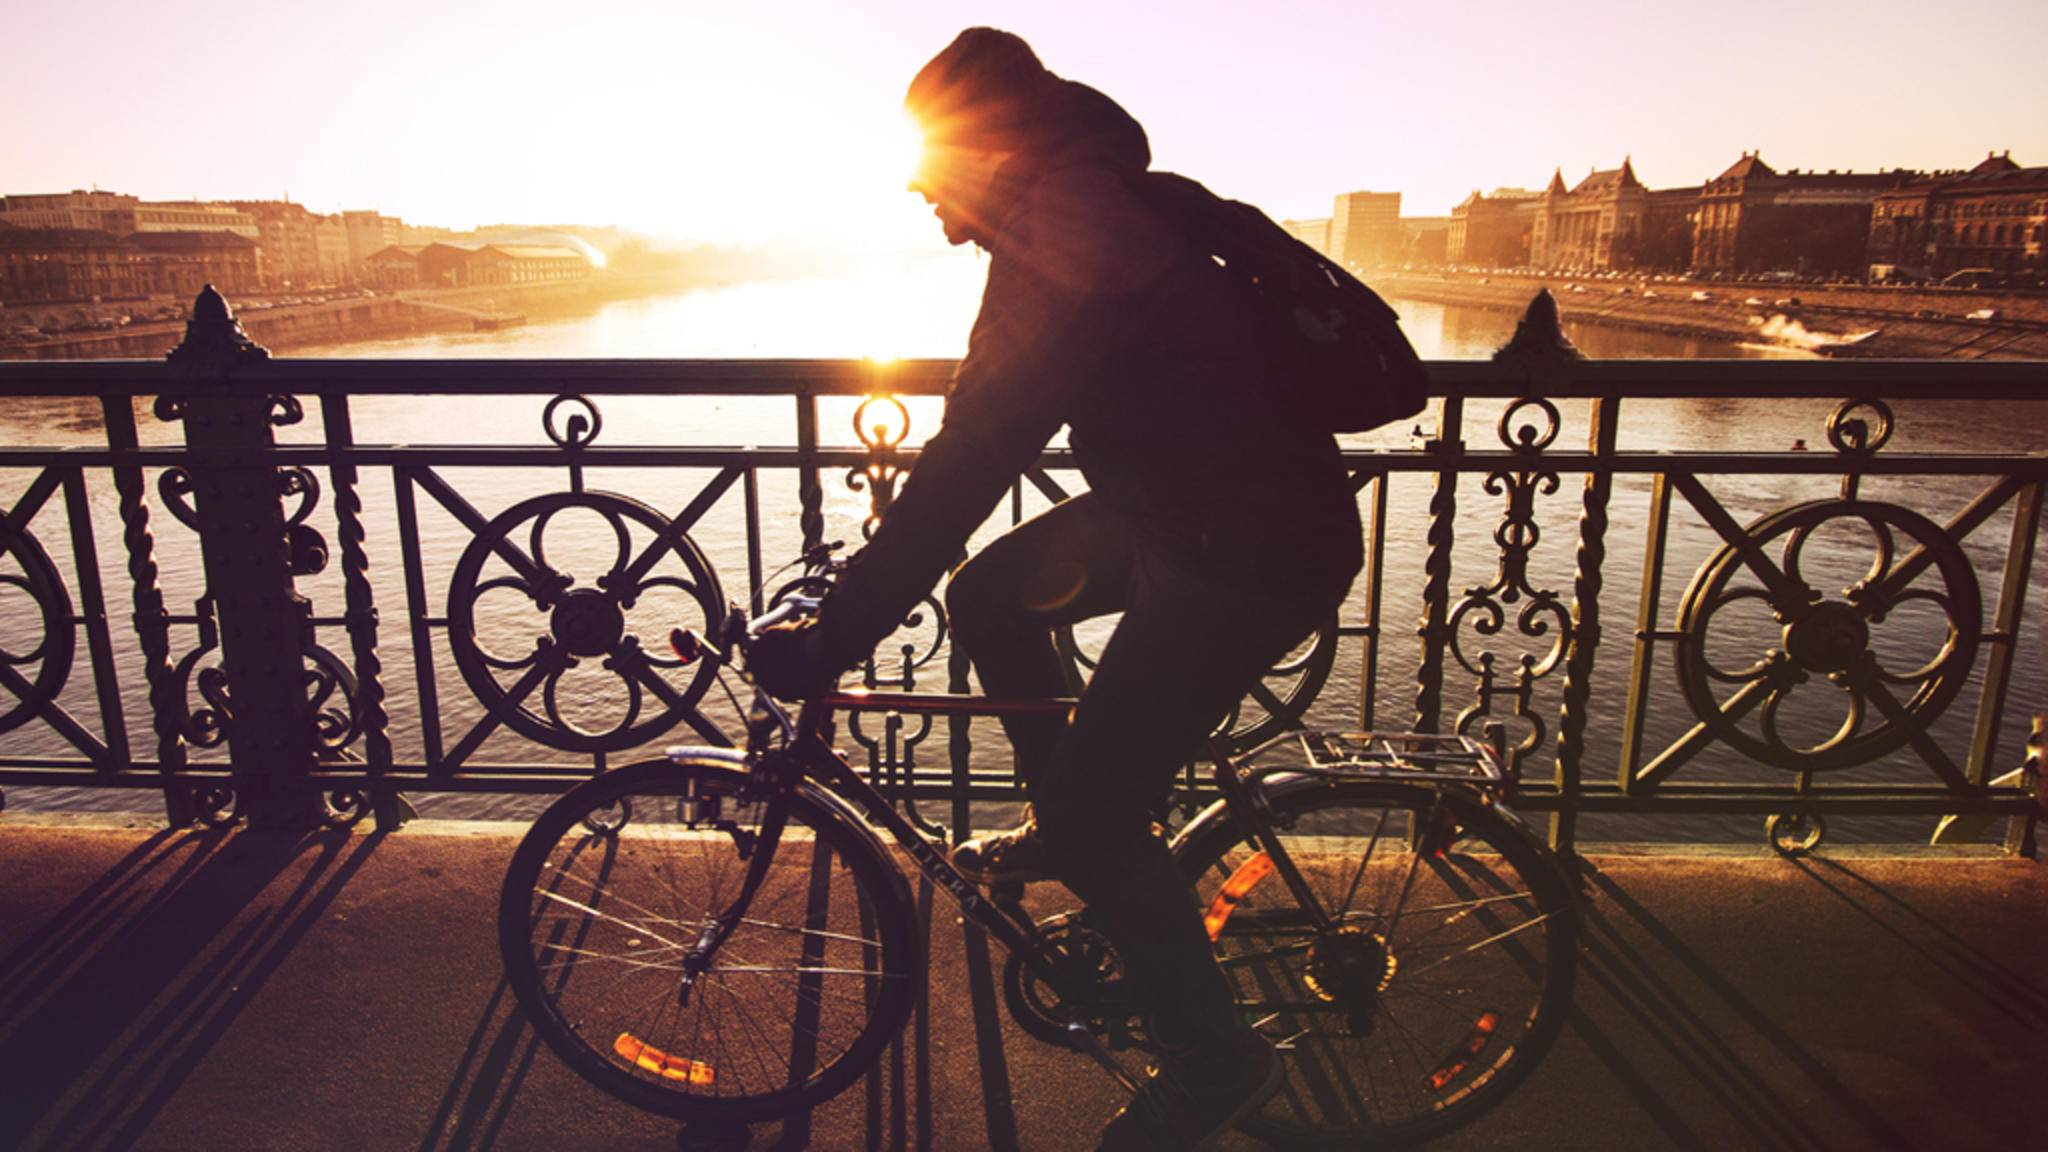 Bewegung im Alltag ist wichtig – besonders für Menschen mit einem bewegungsarmen Arbeitsalltag.